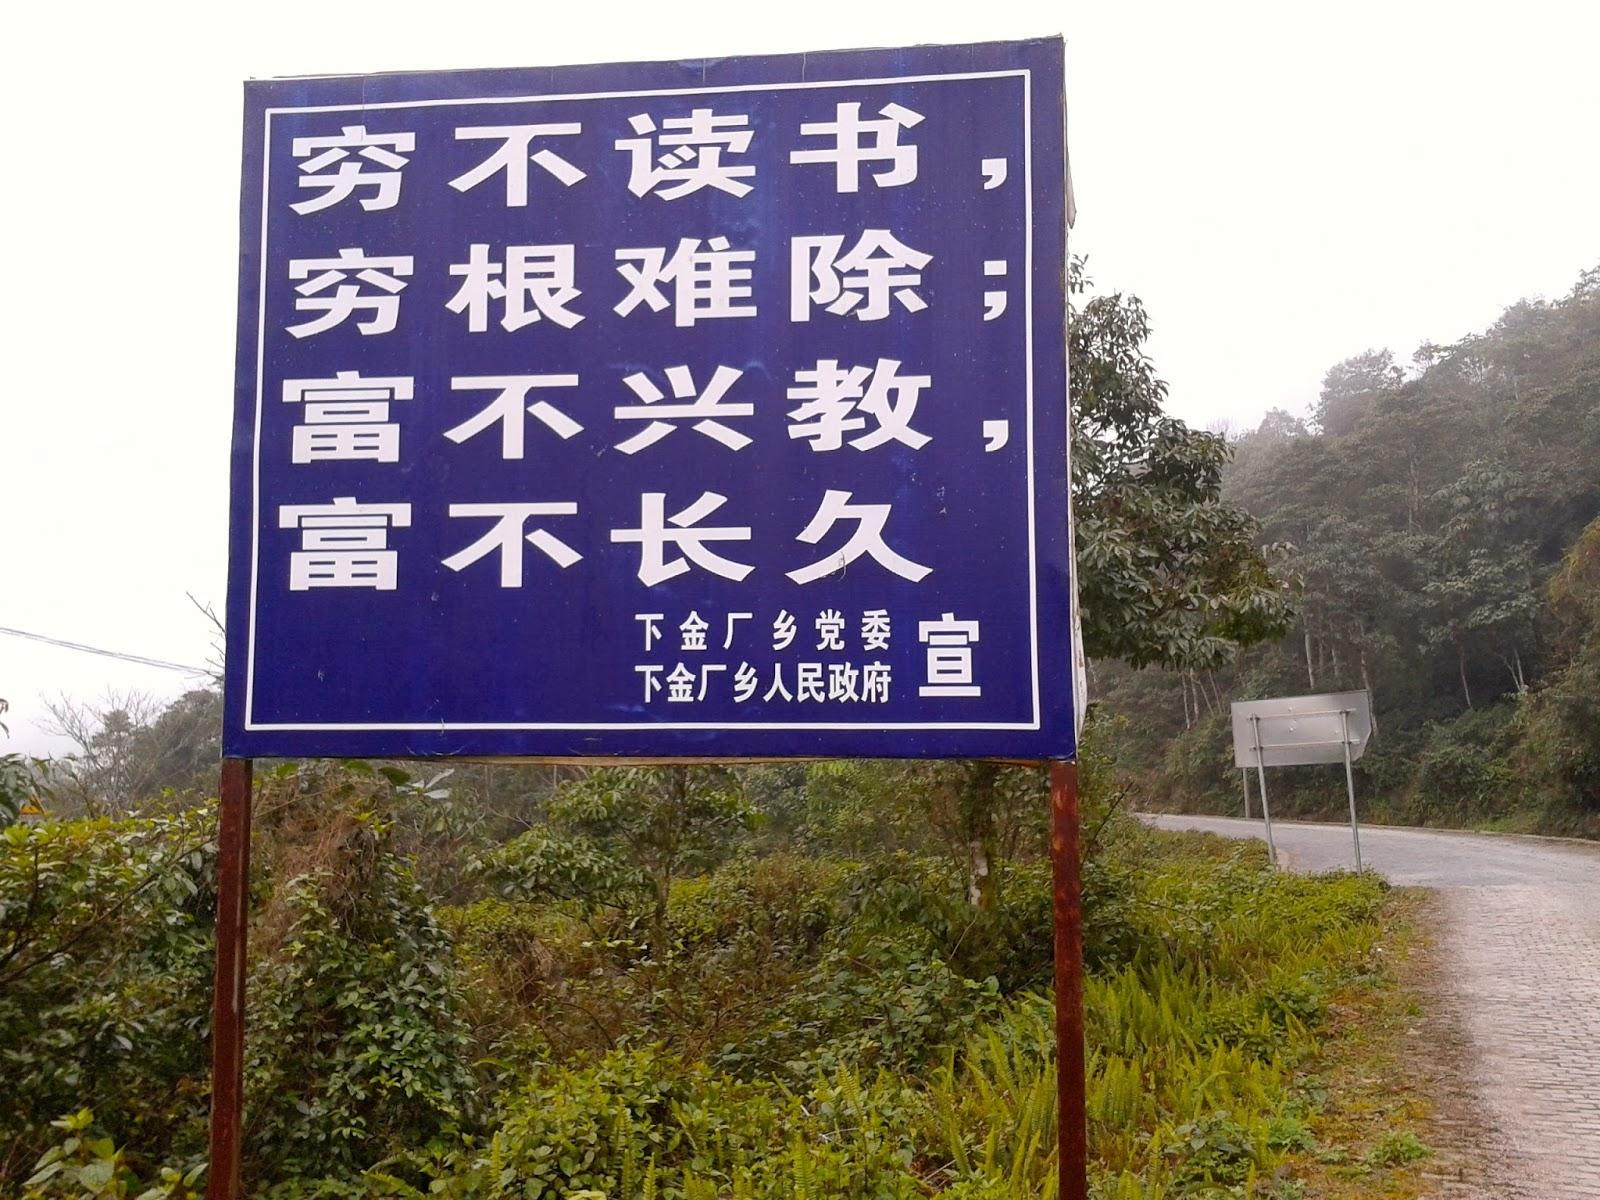 Chinese propaganda billboard about poverty